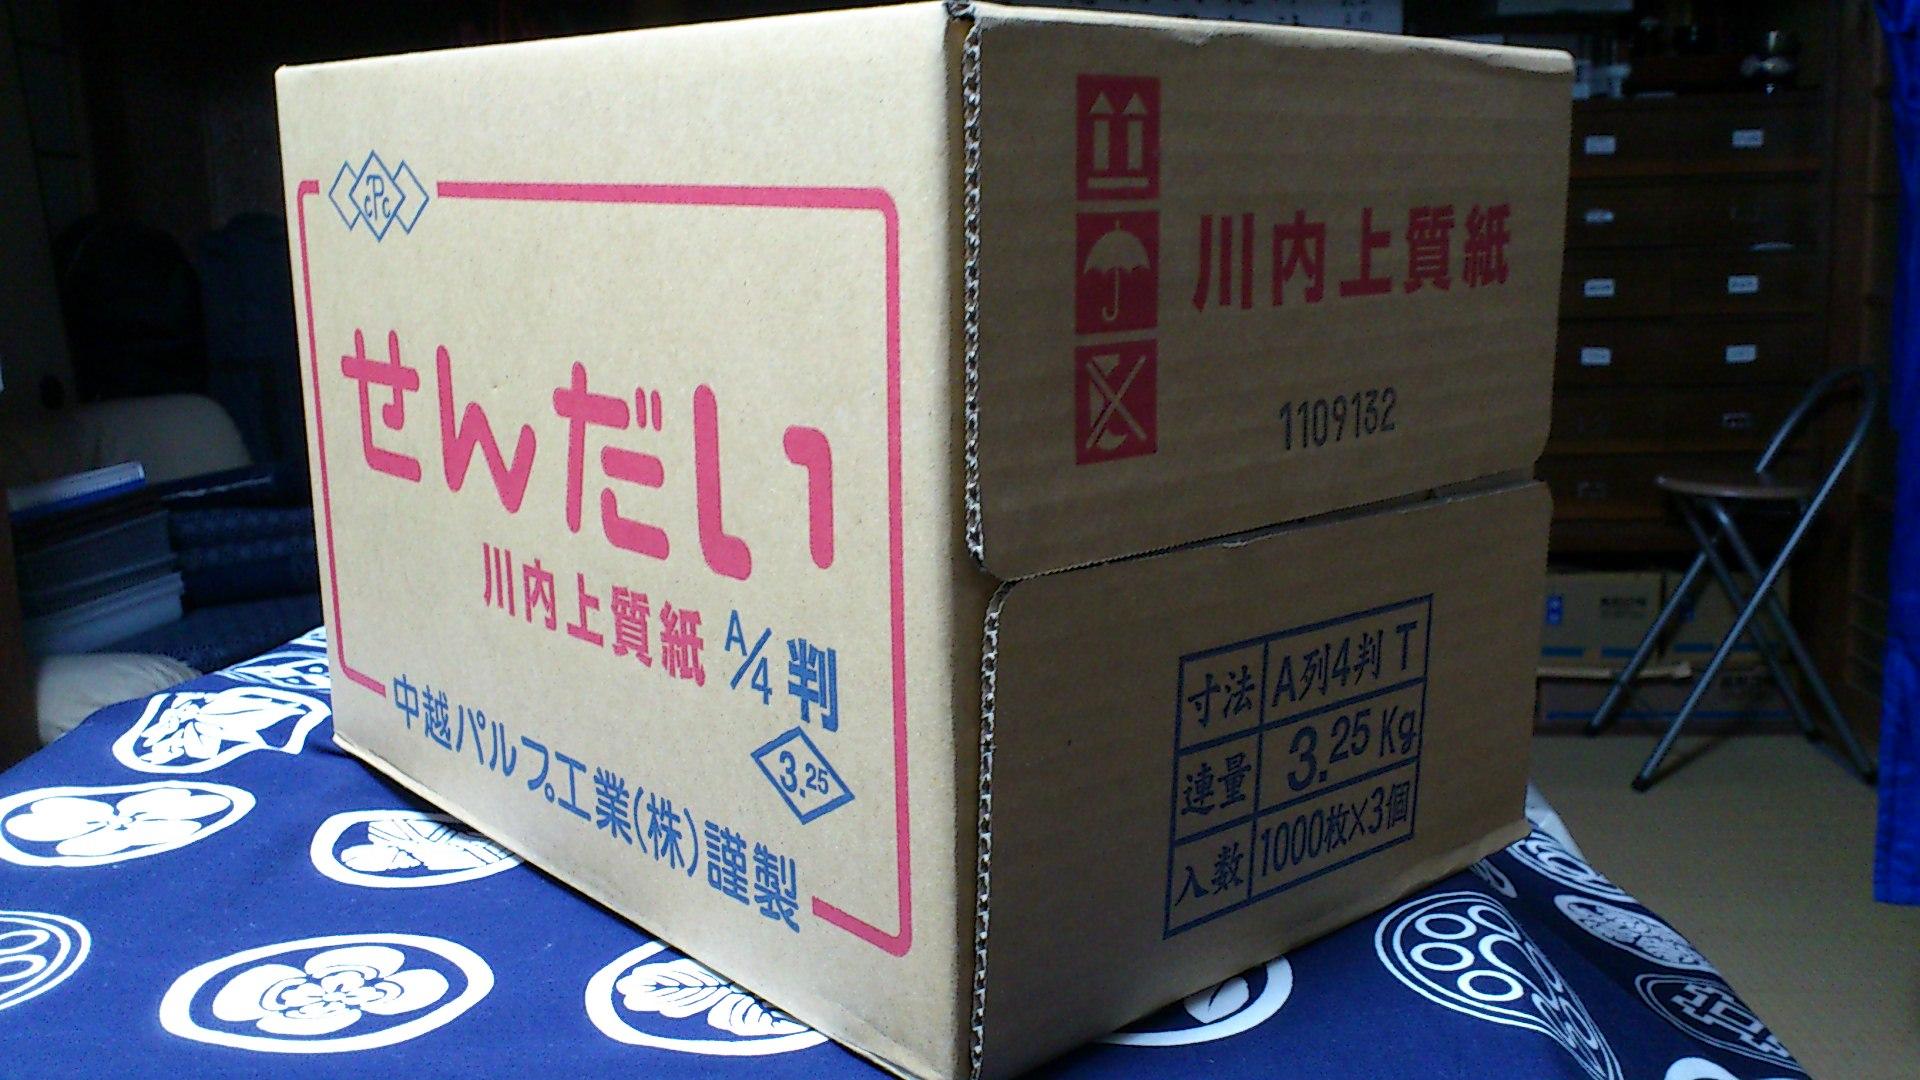 鹿児島県産の紙_b0039825_20341976.jpg